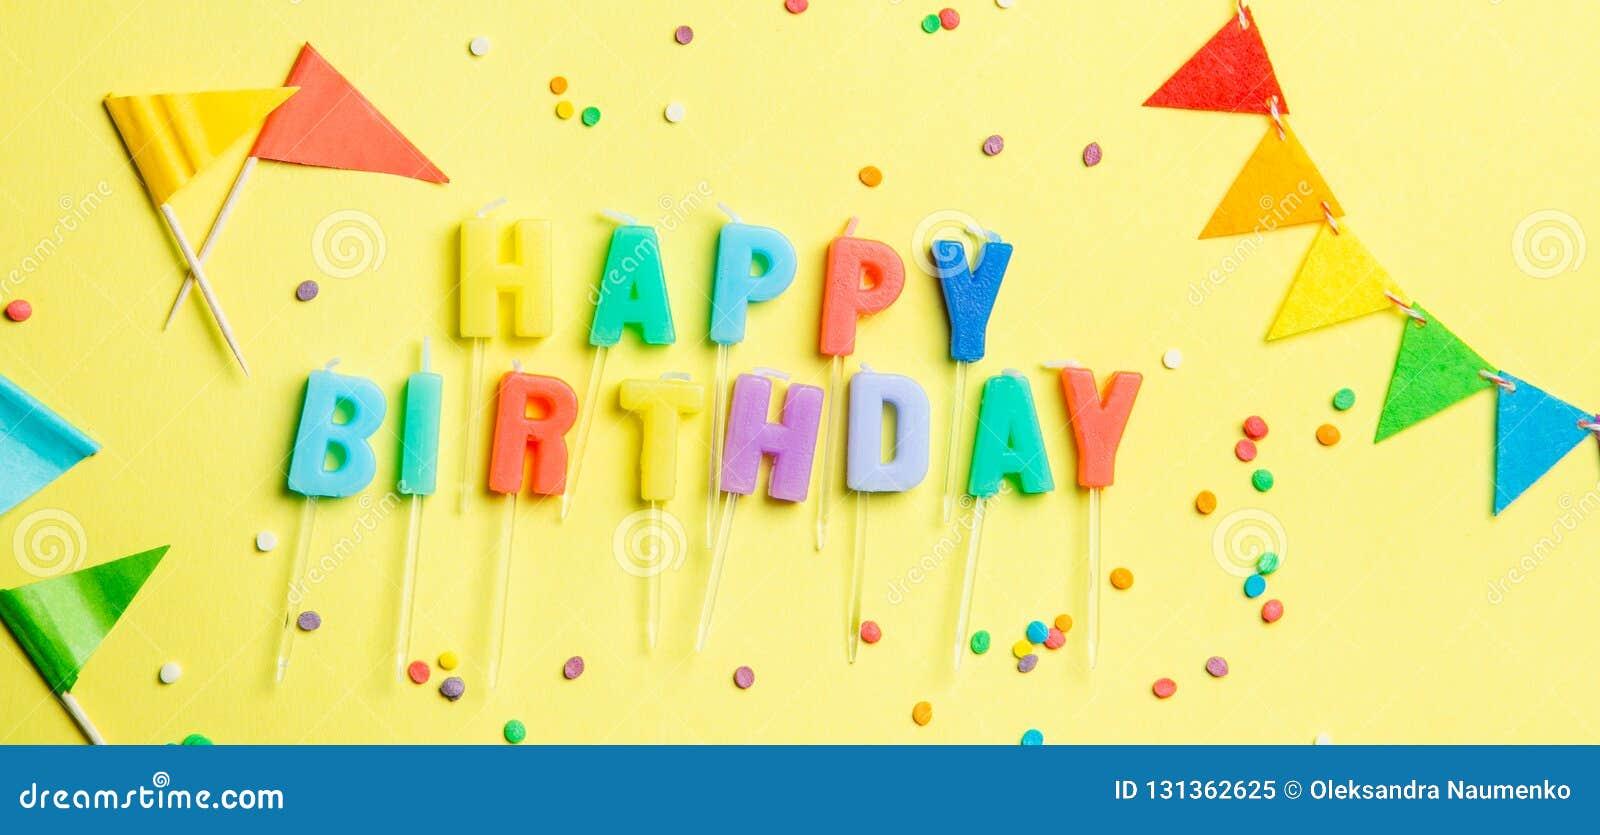 Urodzinowy pojęcie - świeczki z listu wszystkiego najlepszego z okazji urodzin i confetti «